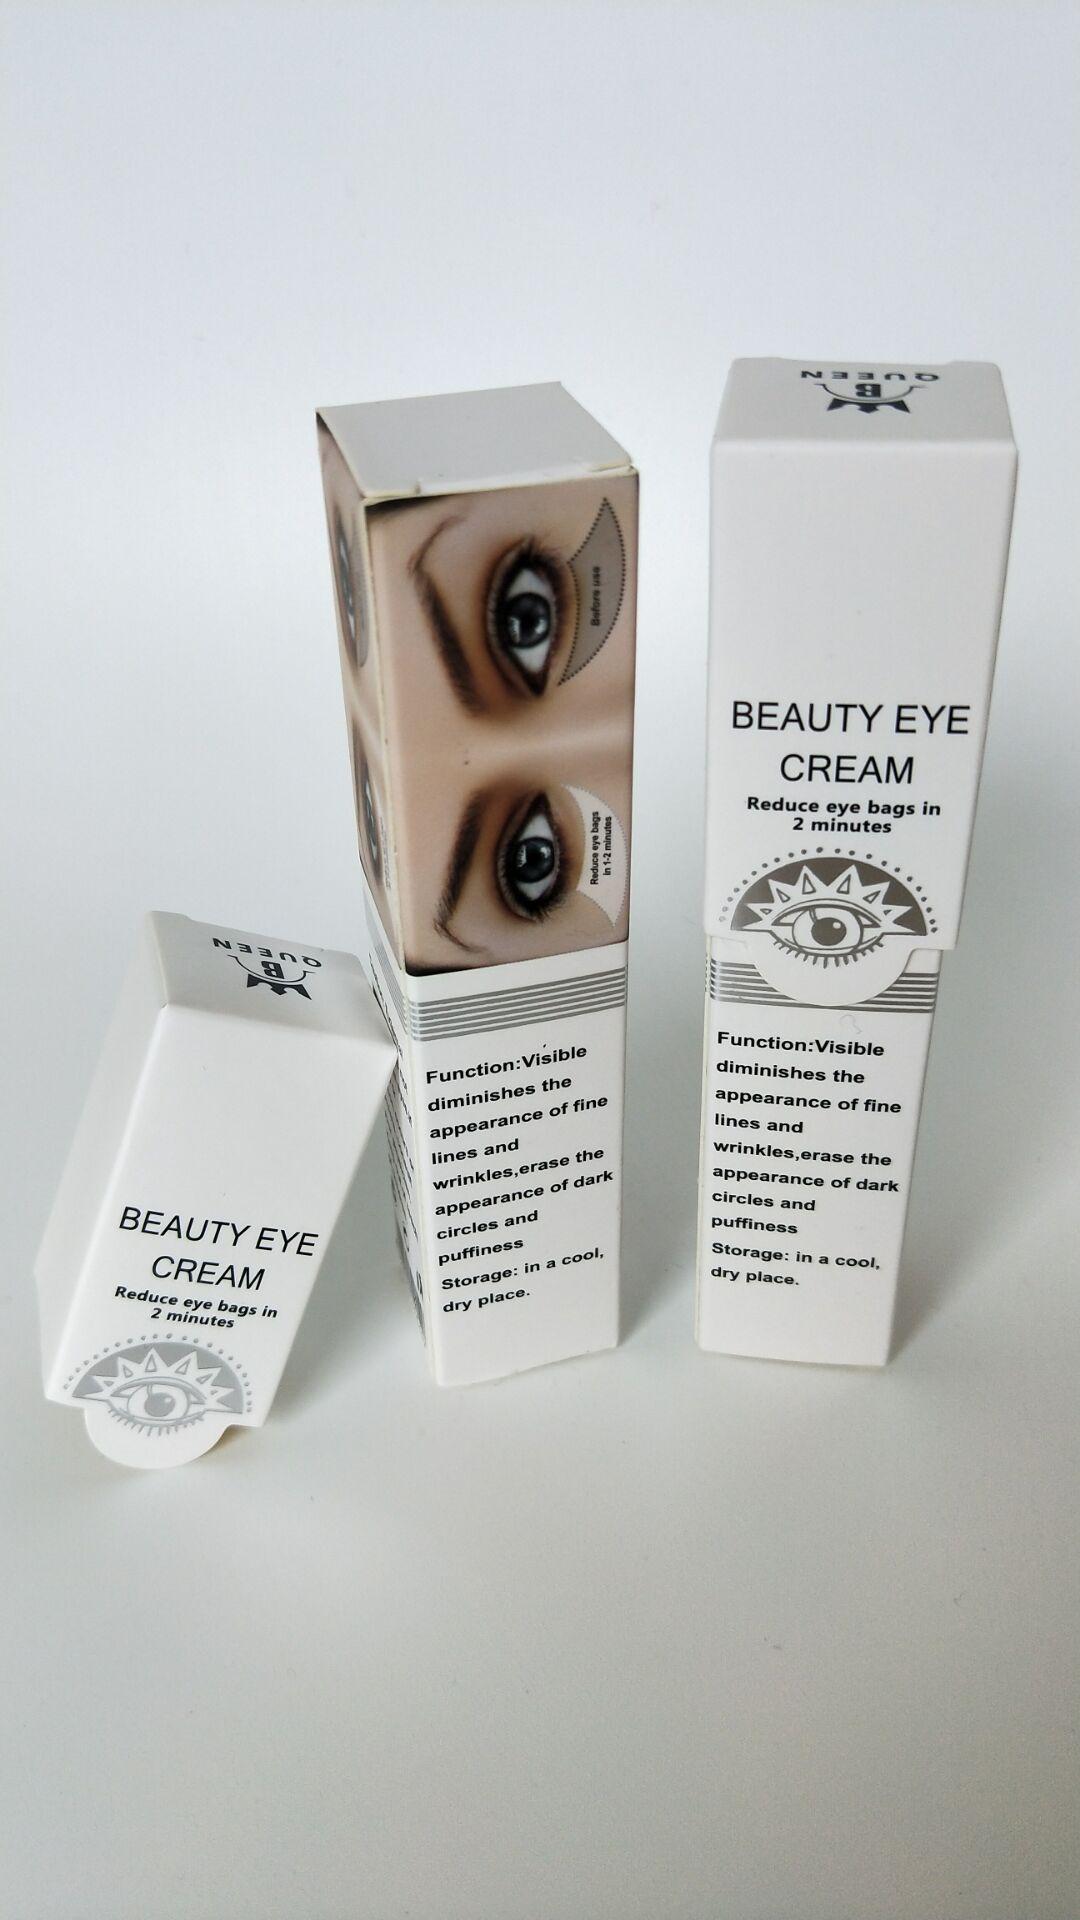 Уход за кожей, крем для глаз для мужчин, лидер продаж, гель для глаз